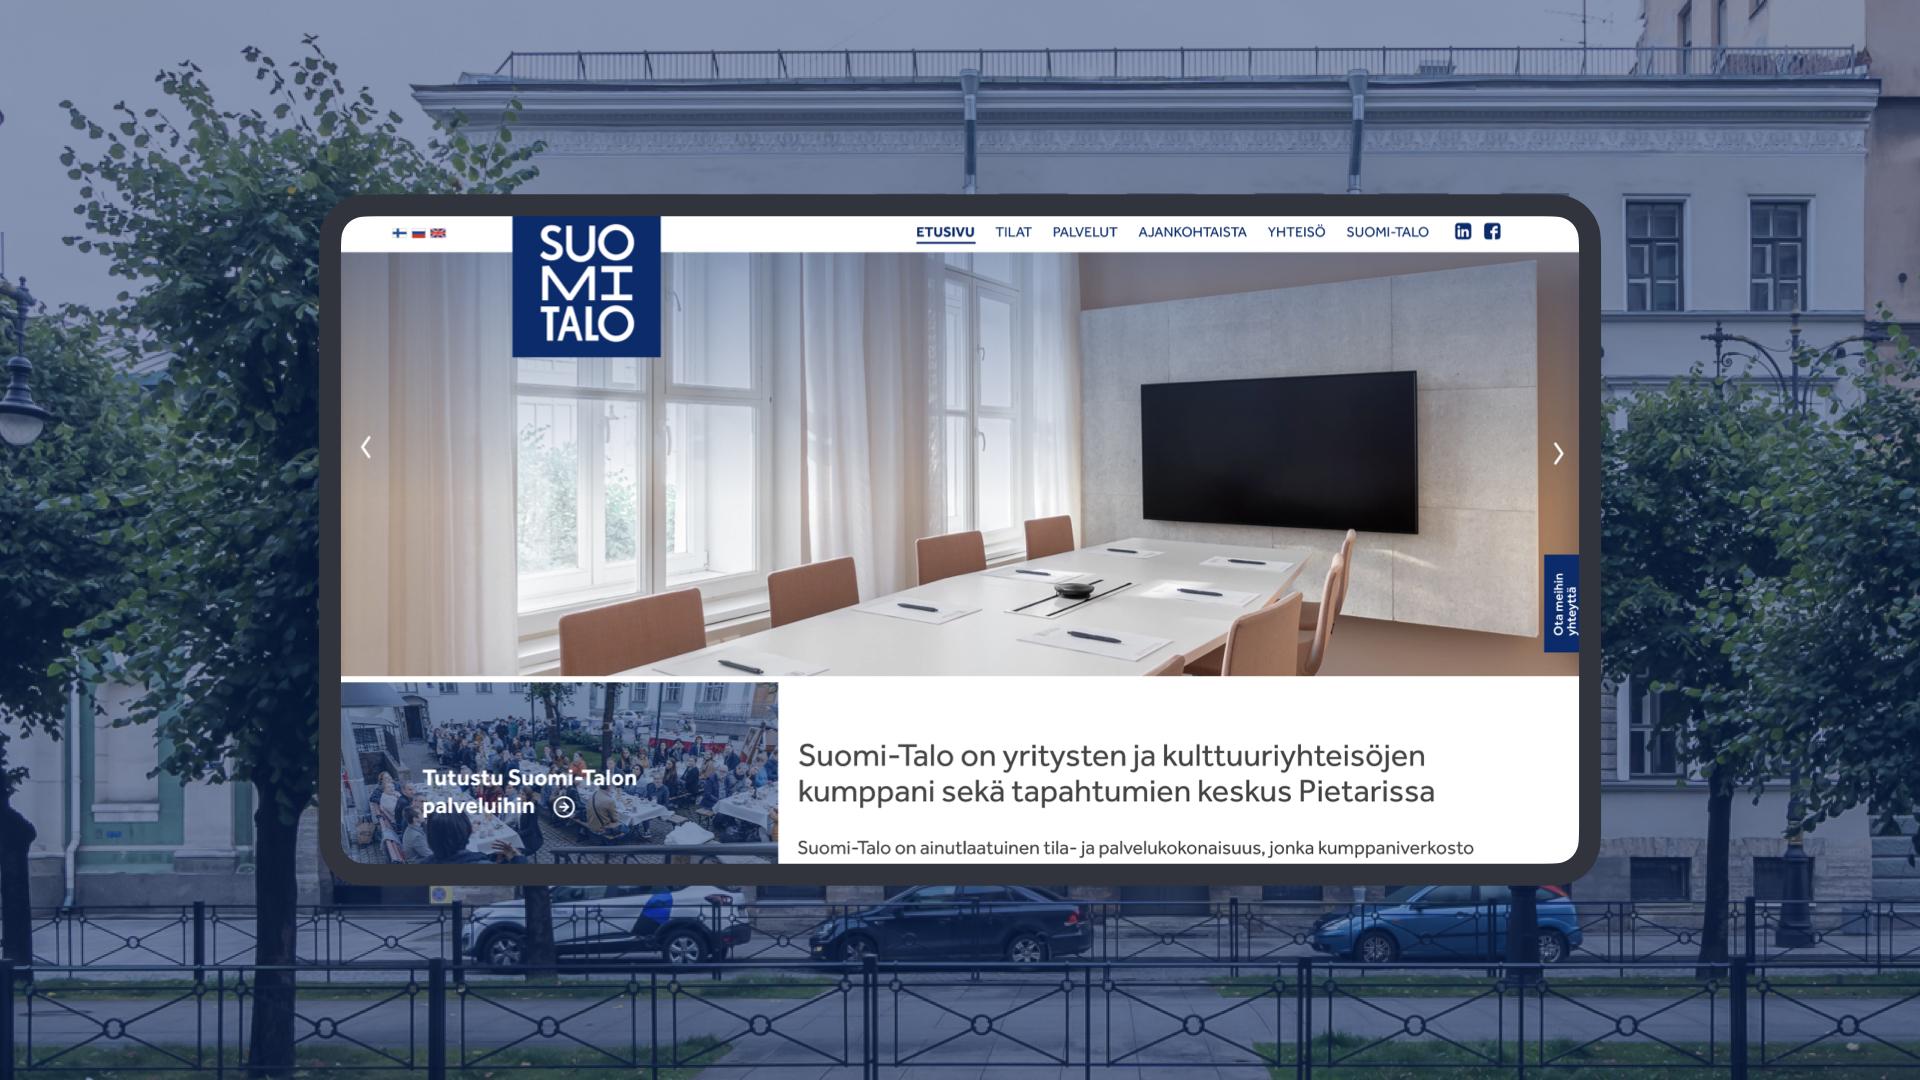 Suomi-Talo